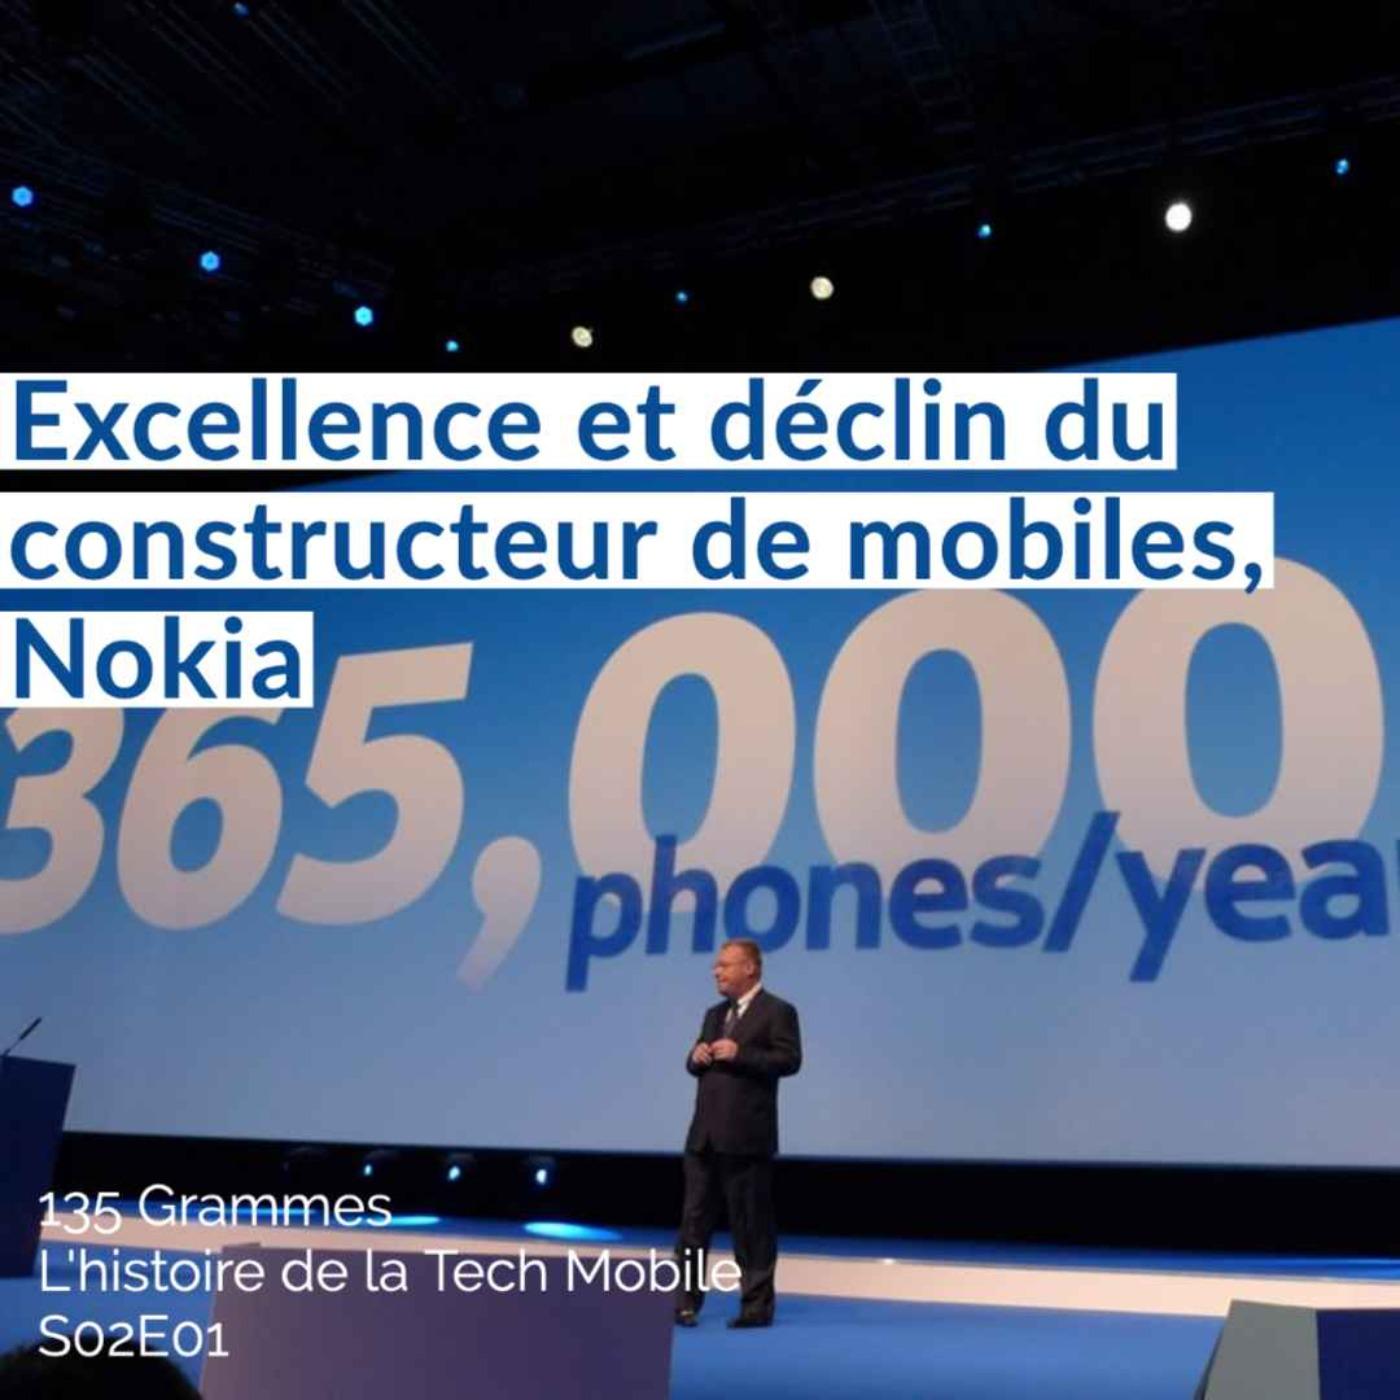 Excellence et déclin du constructeur de mobiles, Nokia